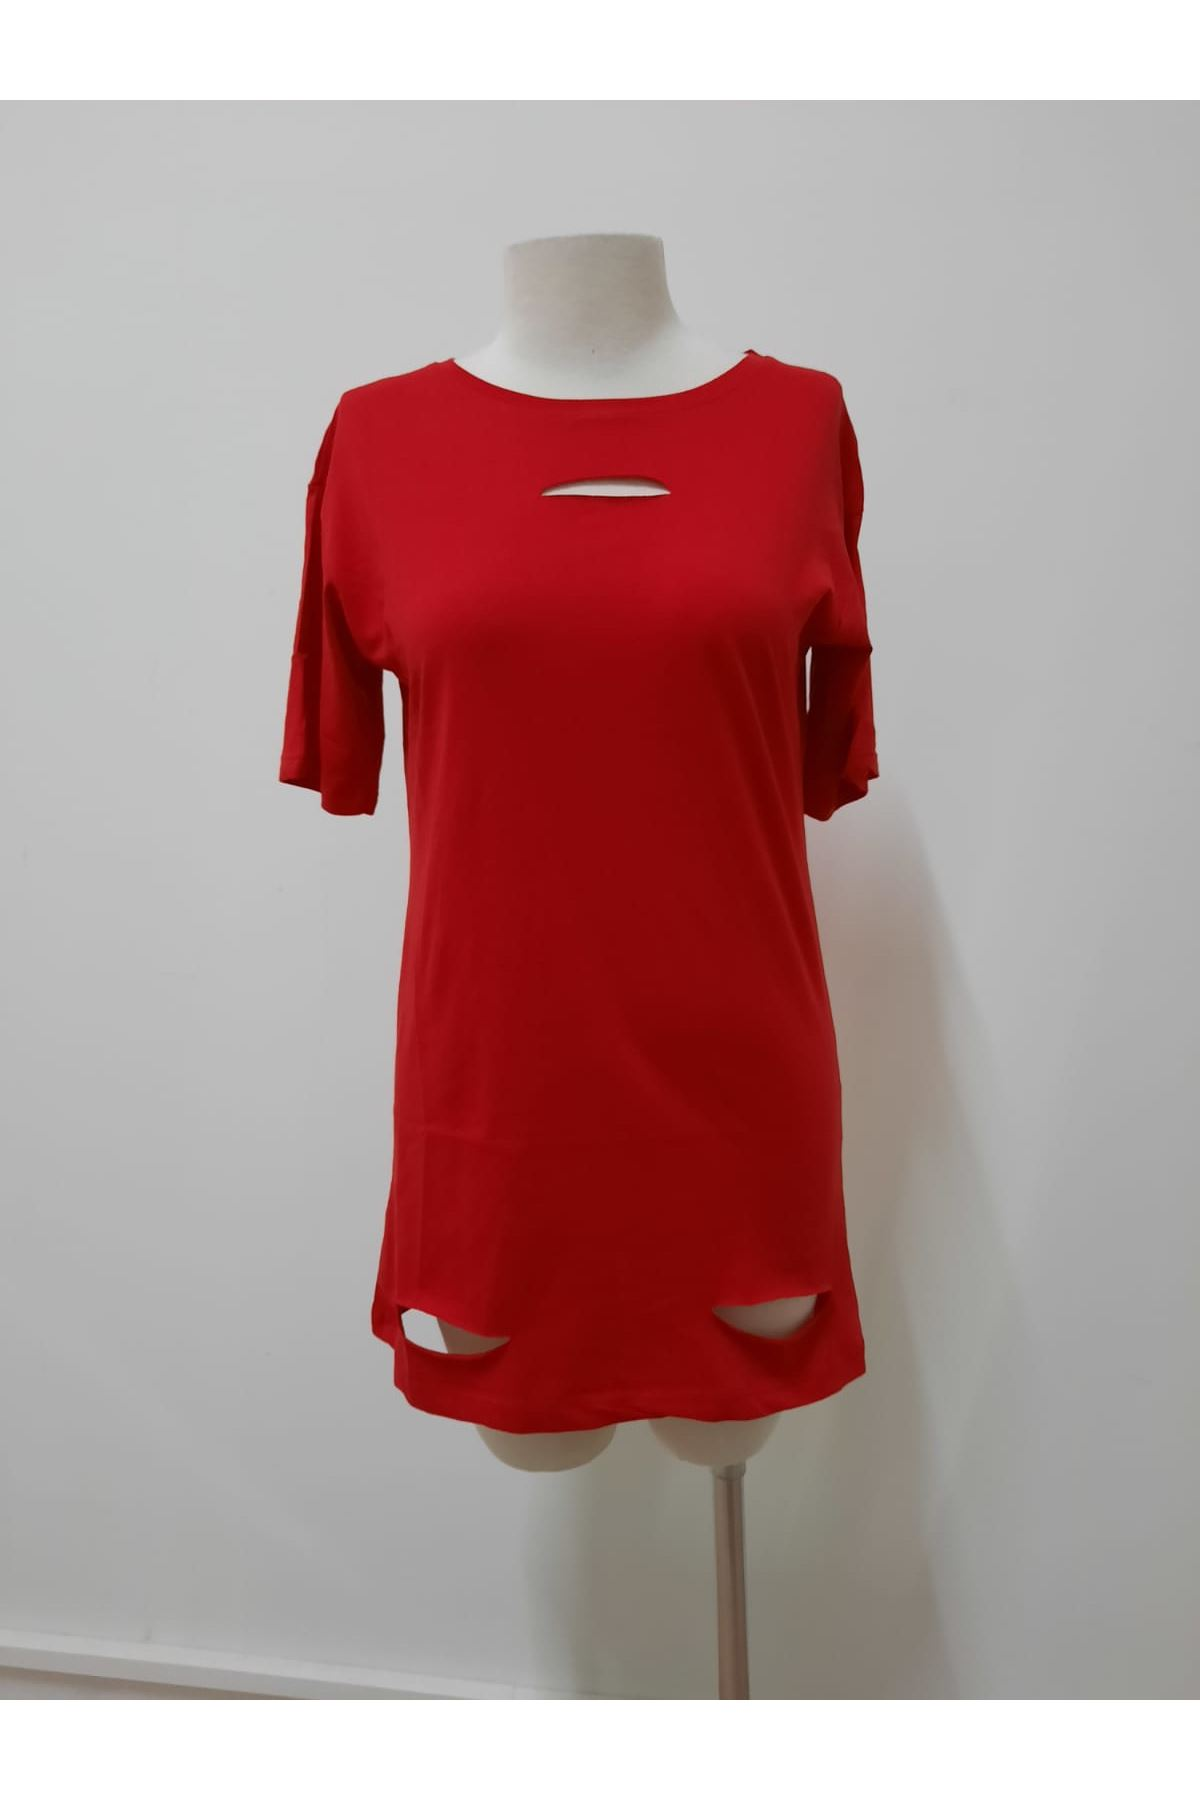 Göğsü Yırtık Detay Tshirt - kırmızı